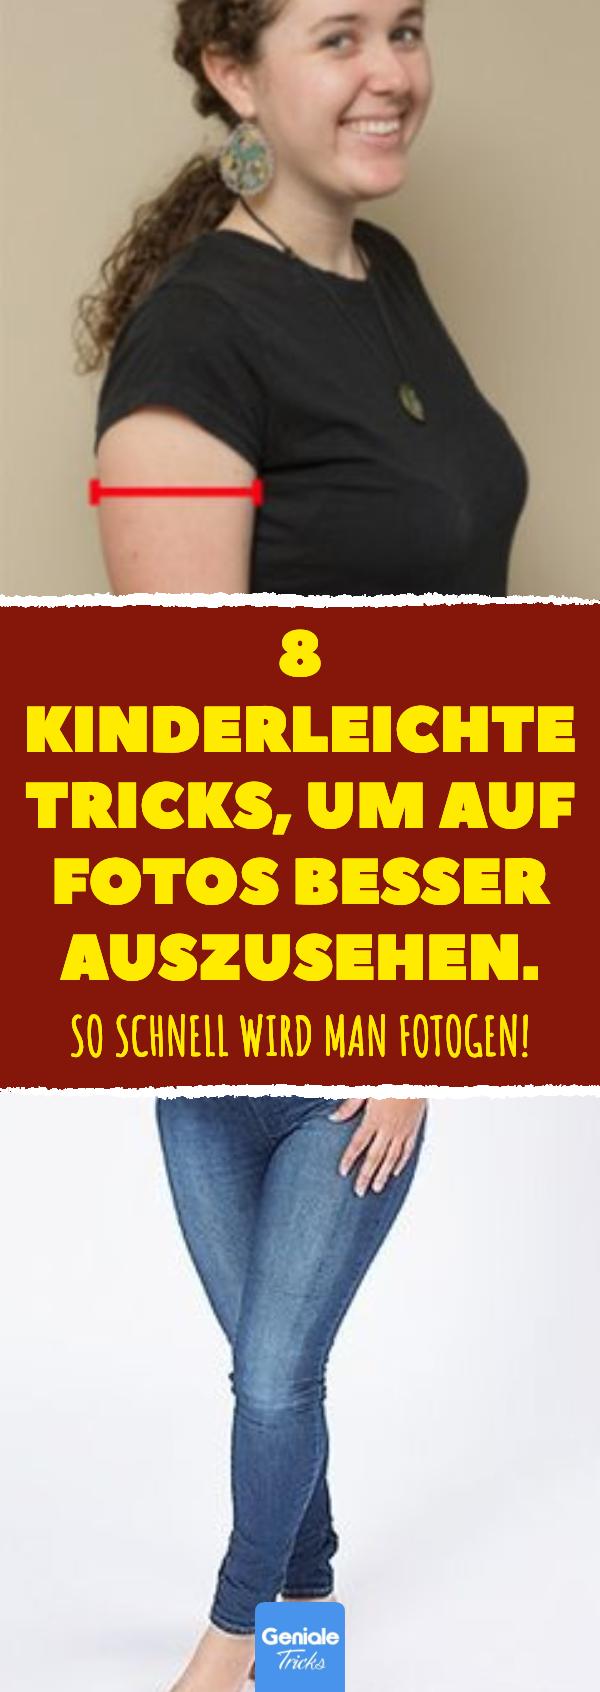 Photo of 8 kinderleichte Tricks, um auf Fotos besser auszusehen.